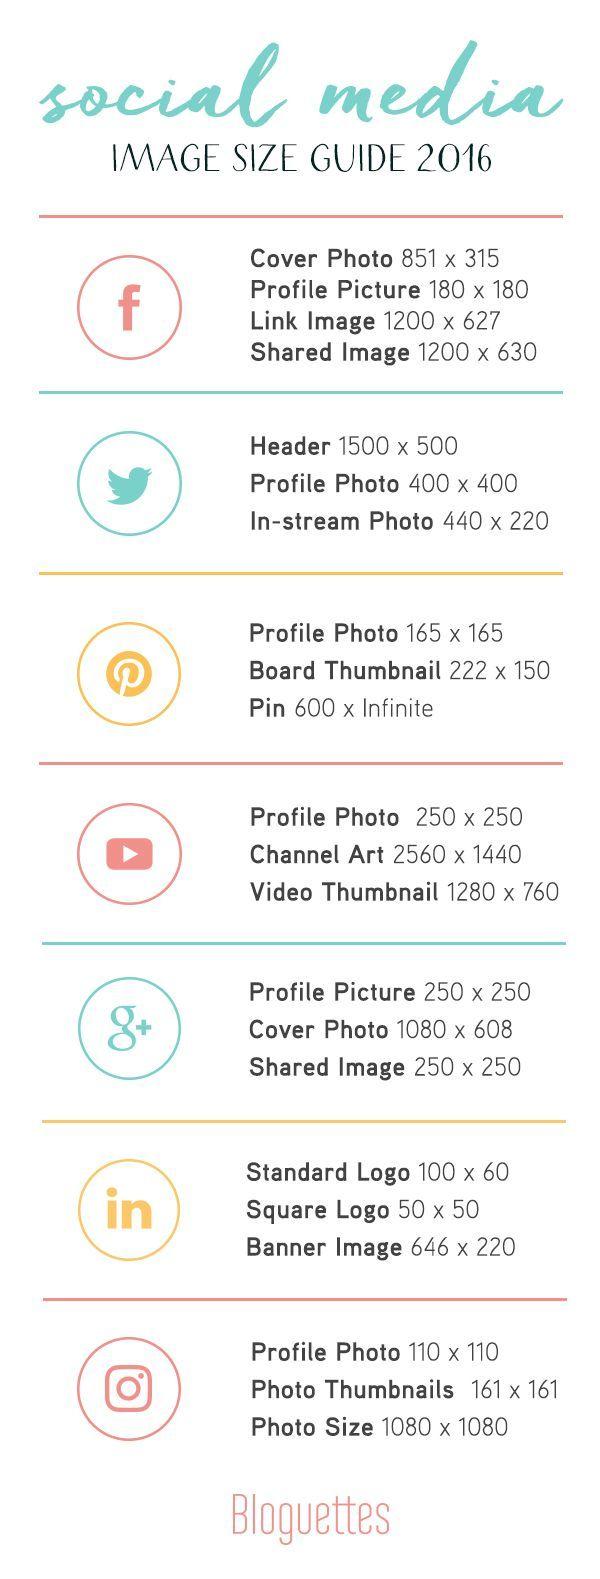 Medidas de imágenes de las redes sociales más importantes en 2016 #size #socialmedia #marketing